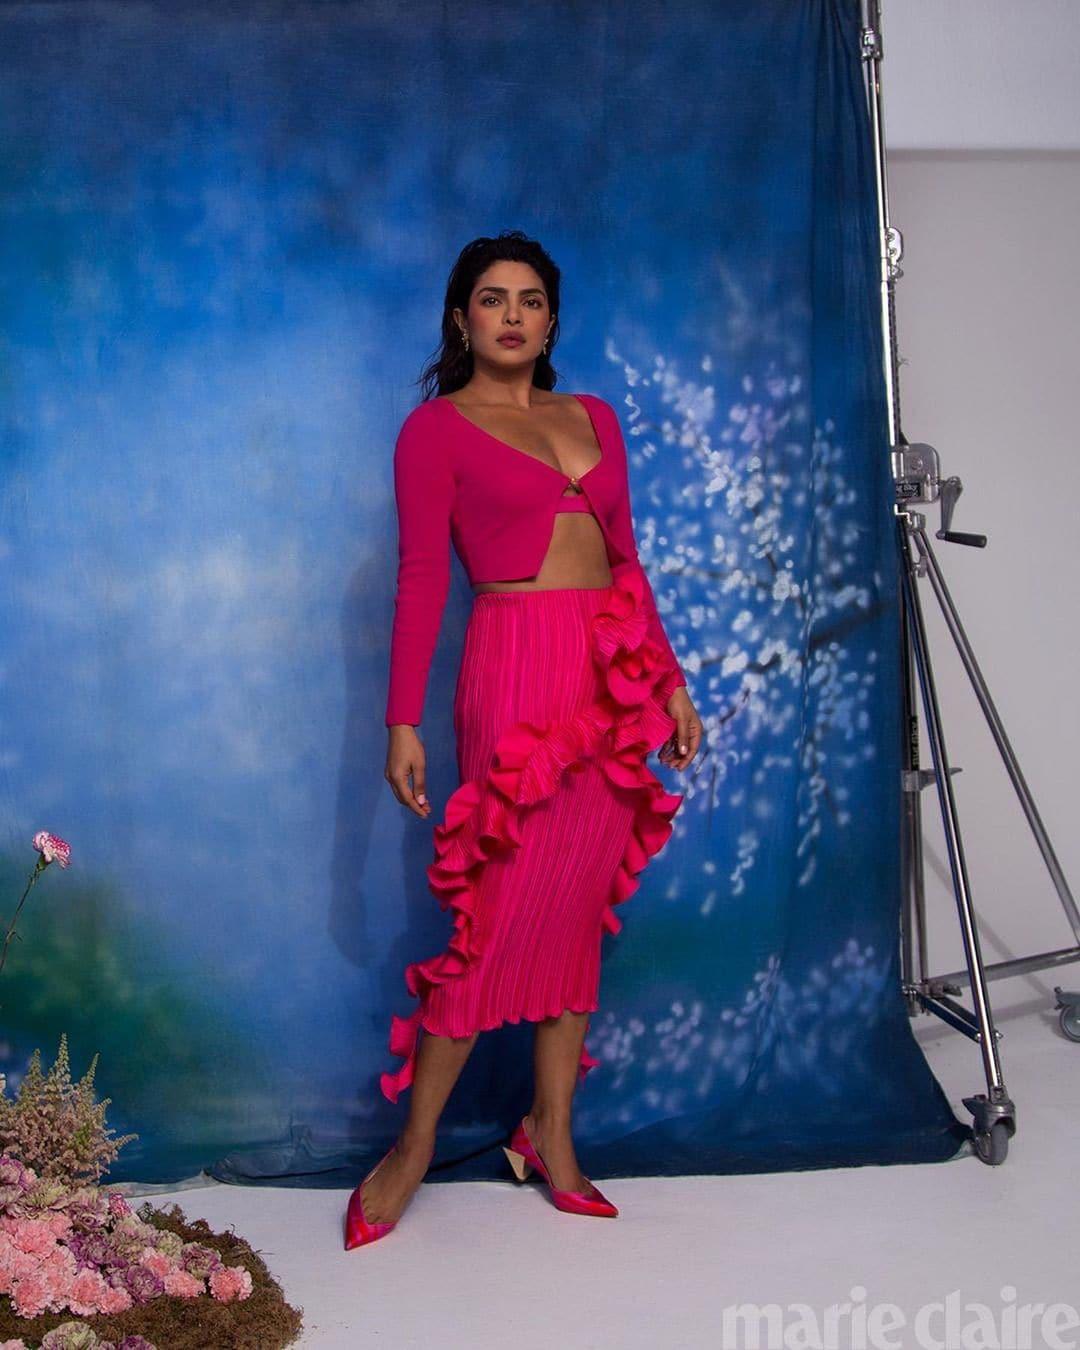 நடிகை ப்ரியங்கா சோப்ரா ( Image : Instagram @priyankachopra )